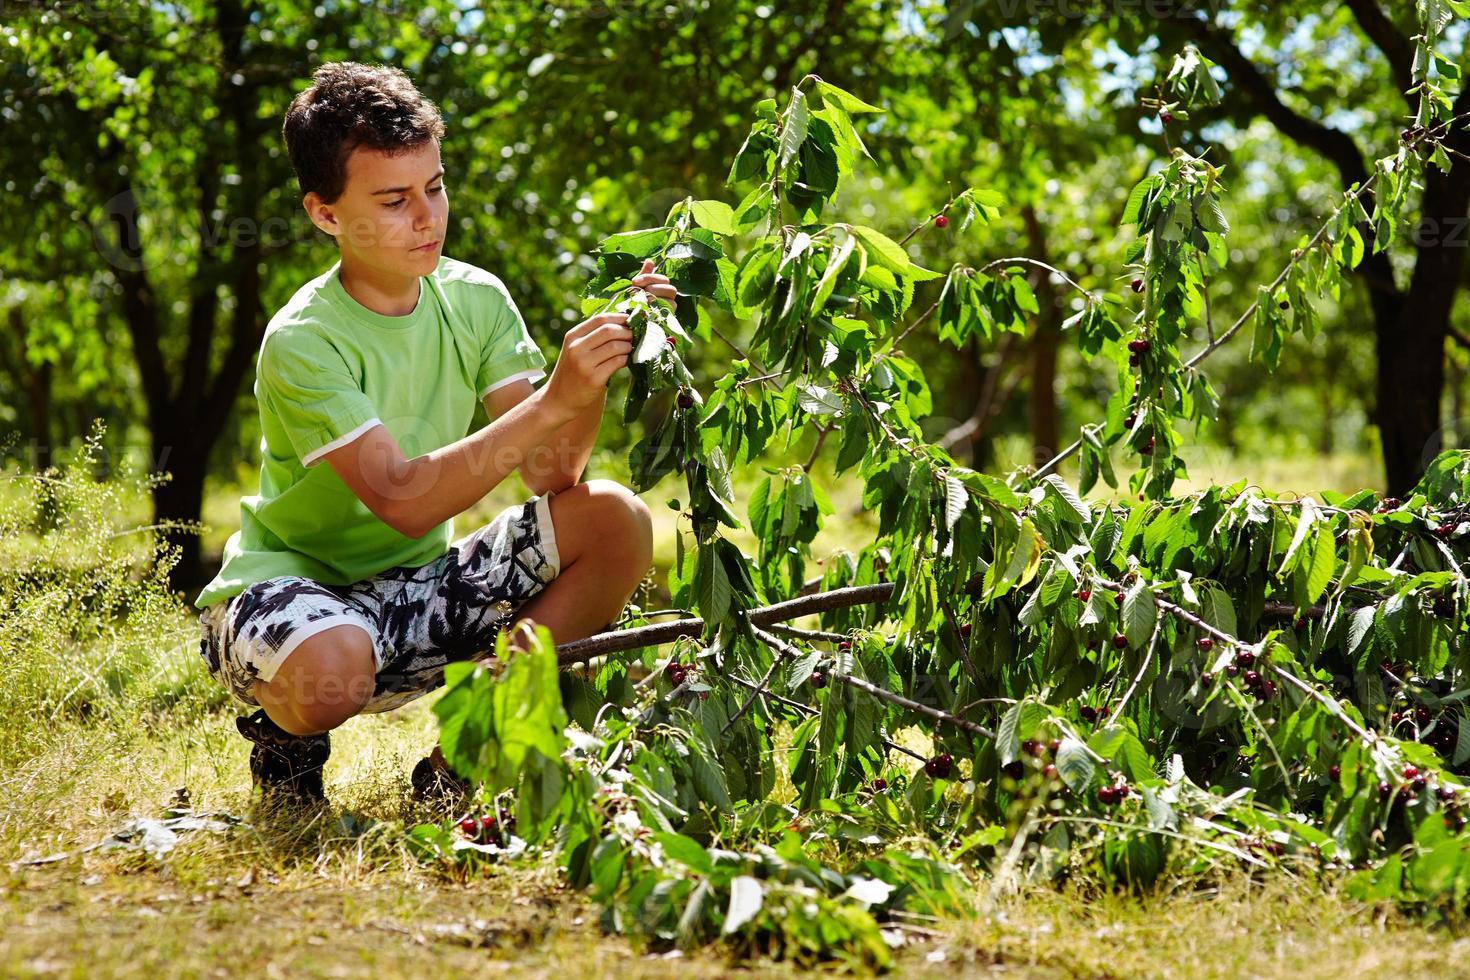 Teenage kid picking cherries photo